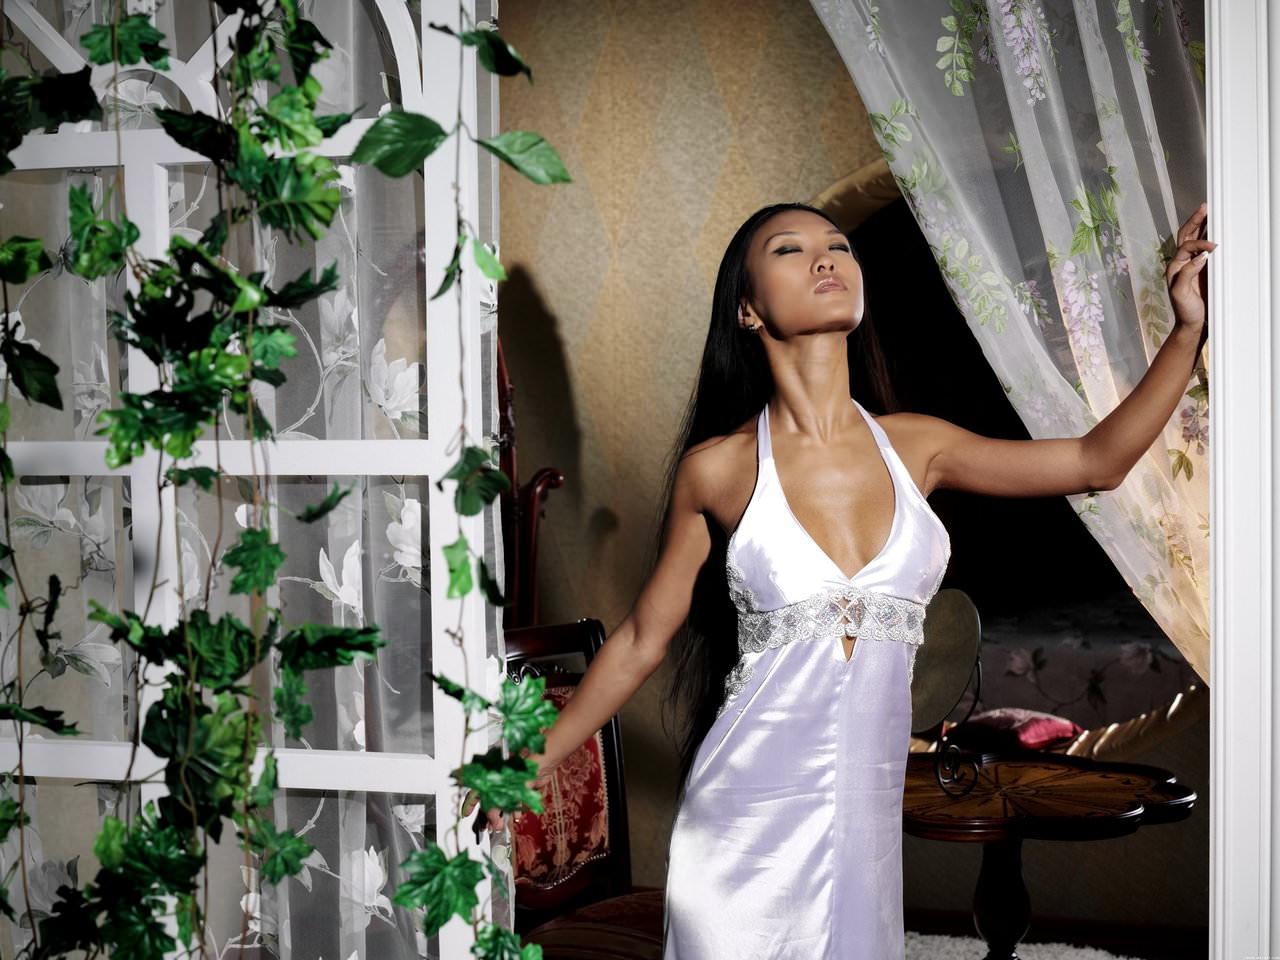 東南アジア系の浅黒い美人たちのヌードポルノ画像 547